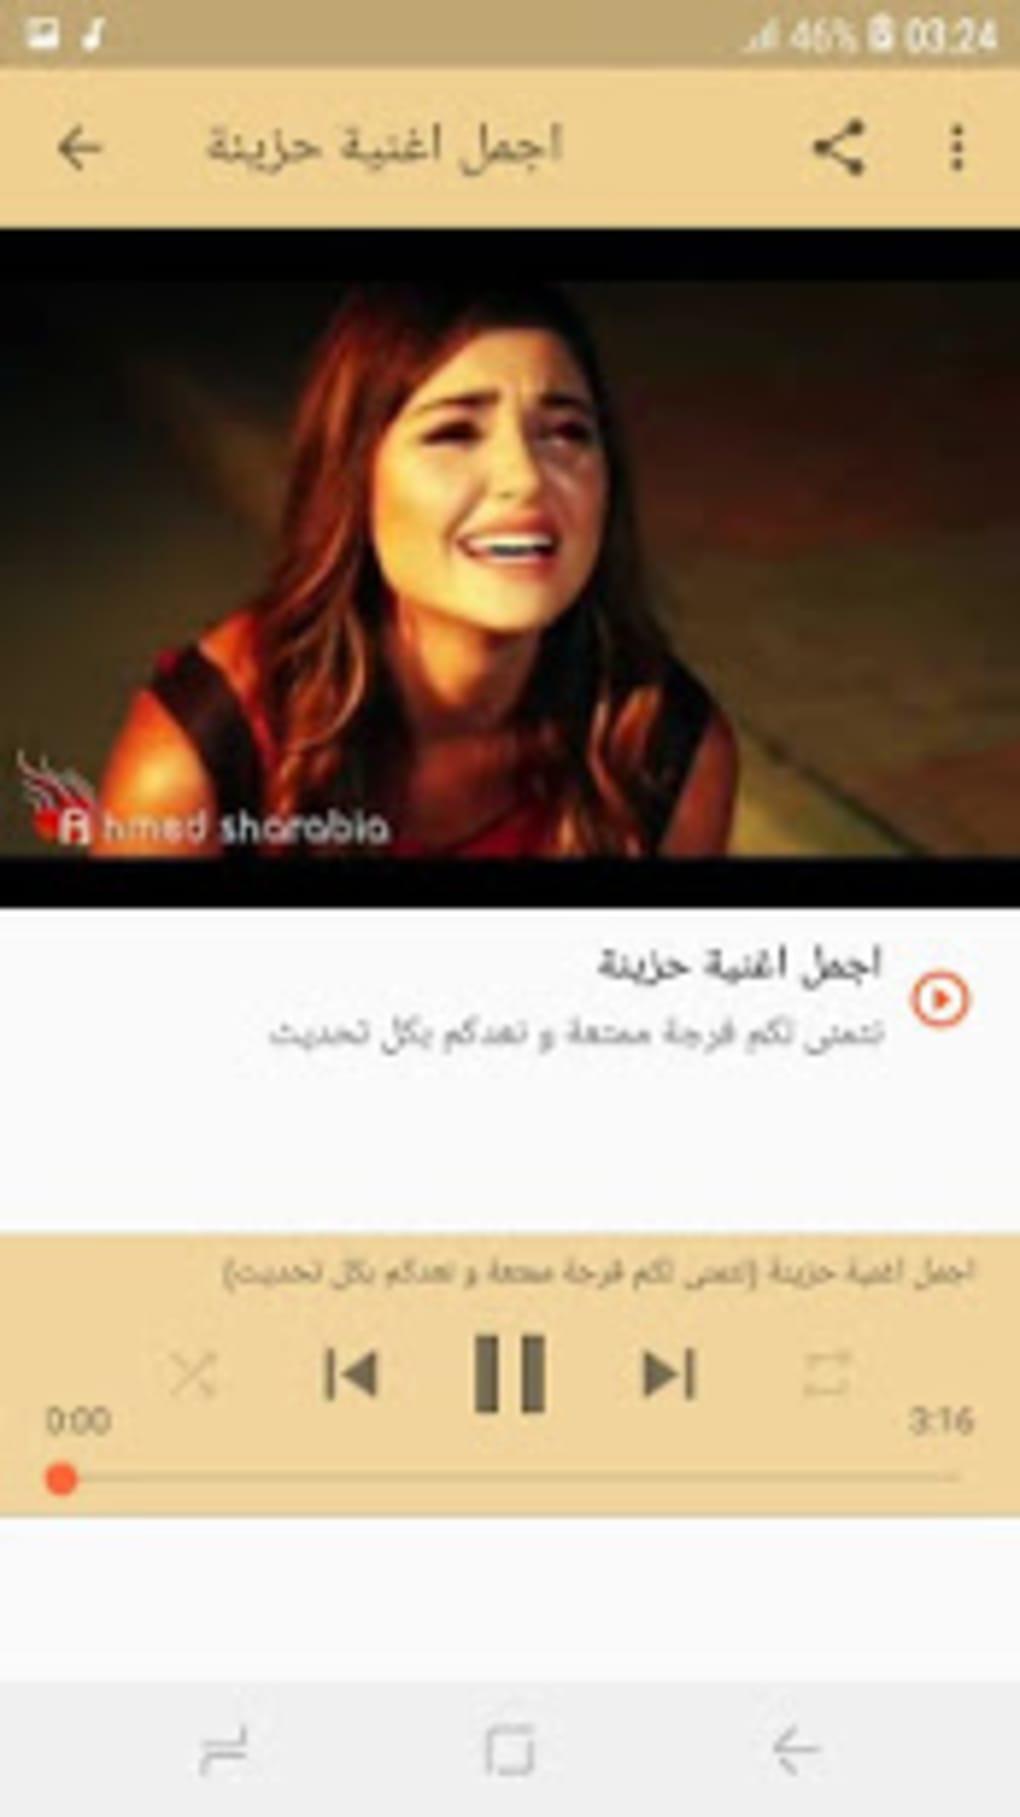 أغاني حب حزينة بدون نت 2019 لنظام Android تنزيل